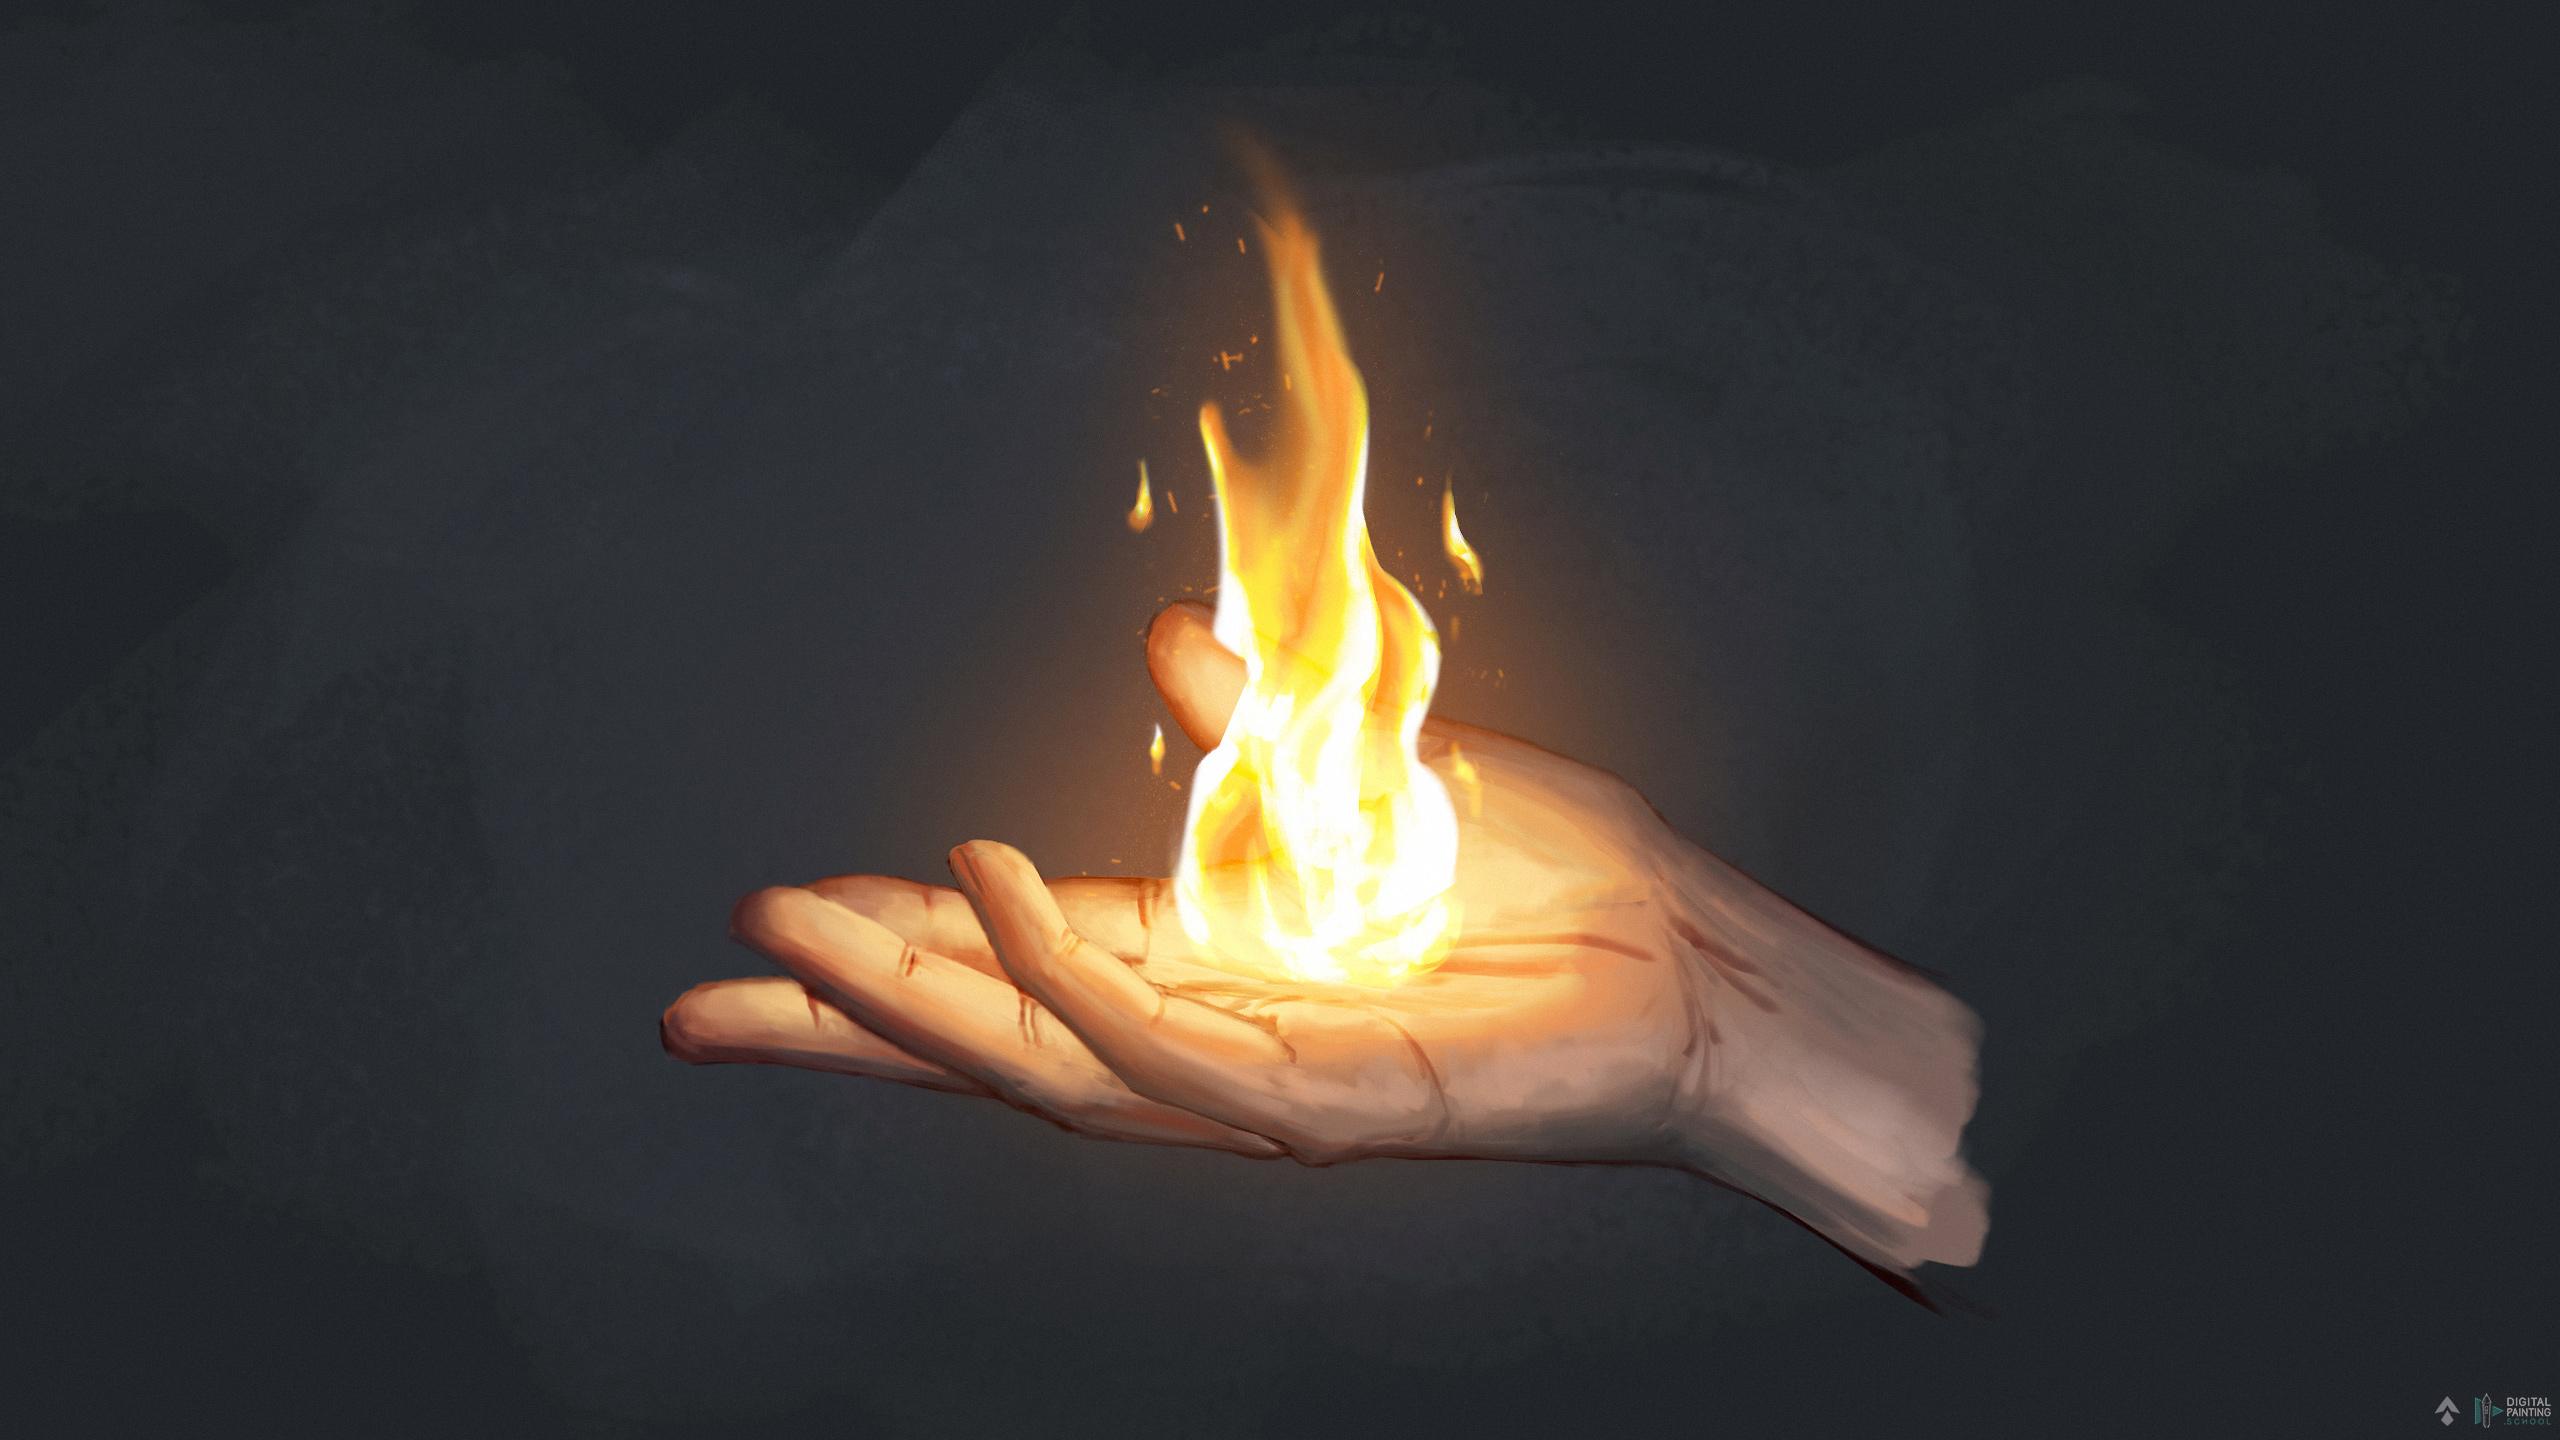 Video : Comment peindre du feu rapidement et facilement en digital painting ?